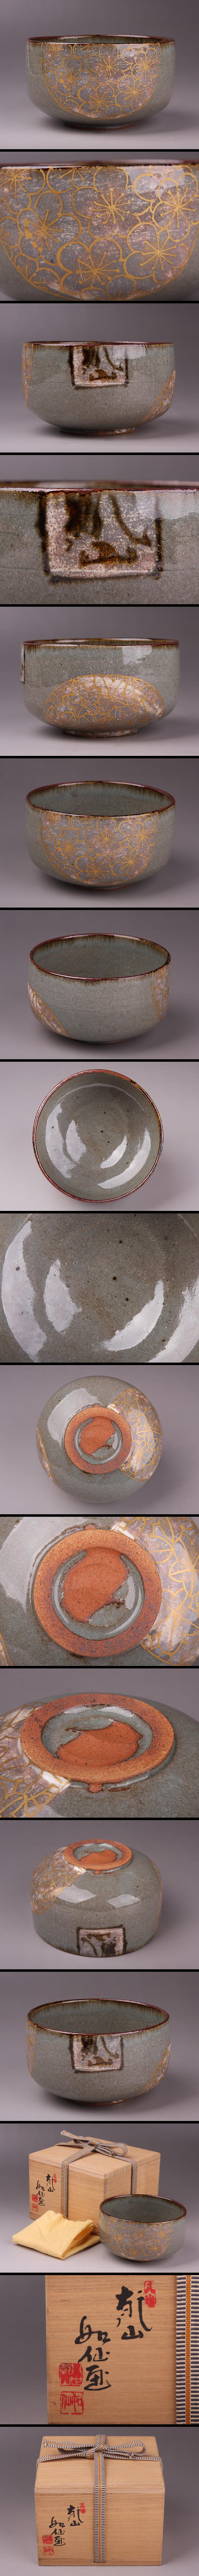 【骨董】八代 乾山 山本如仙 桜 紅葉 金彩 茶碗 共箱 茶道具 本物保証nyの詳細